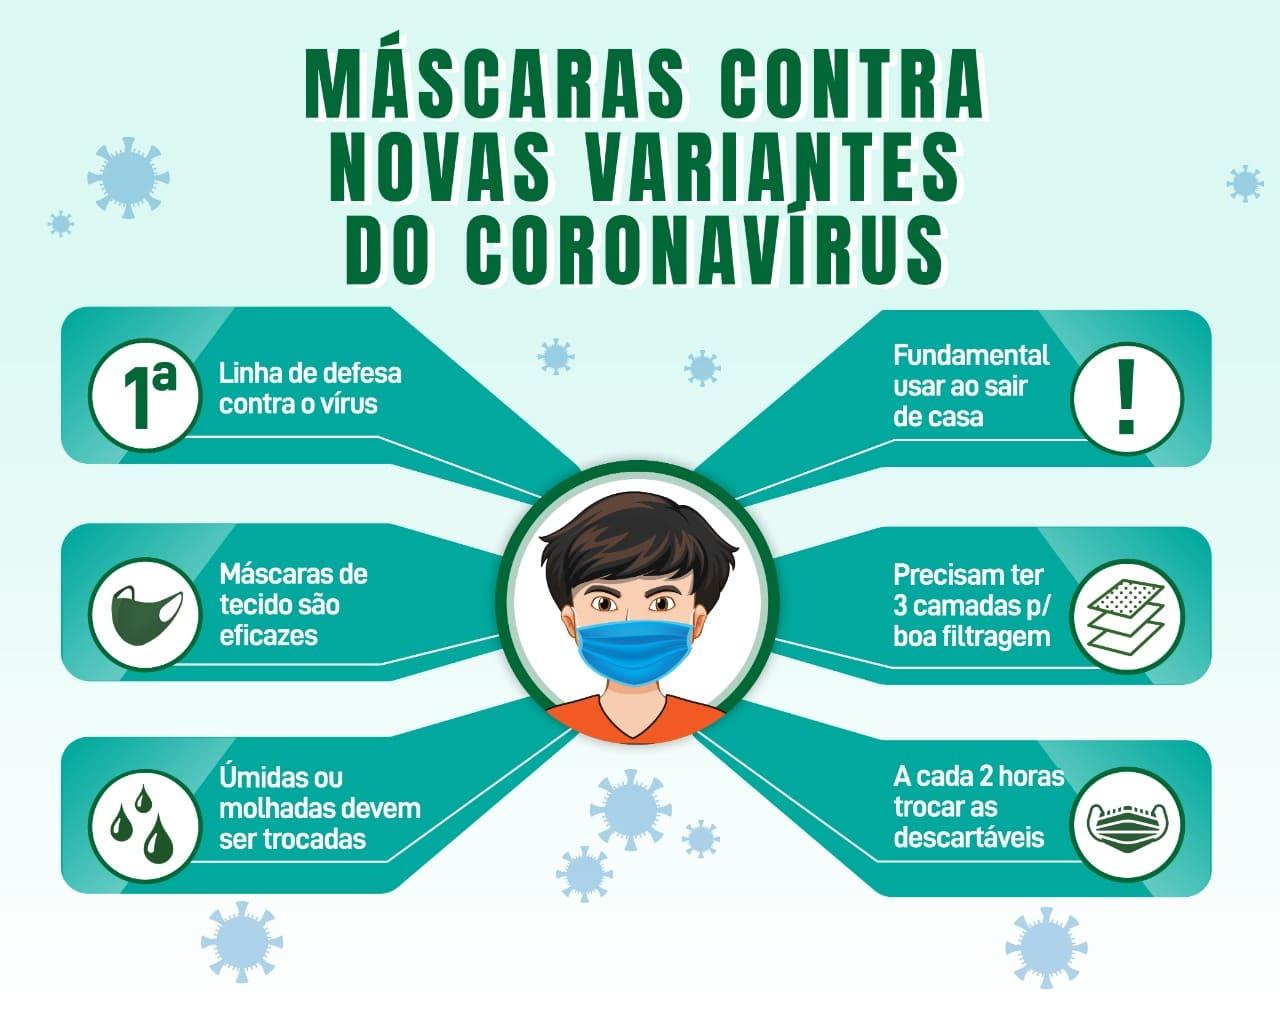 Uso de Máscaras Contra COVID-19